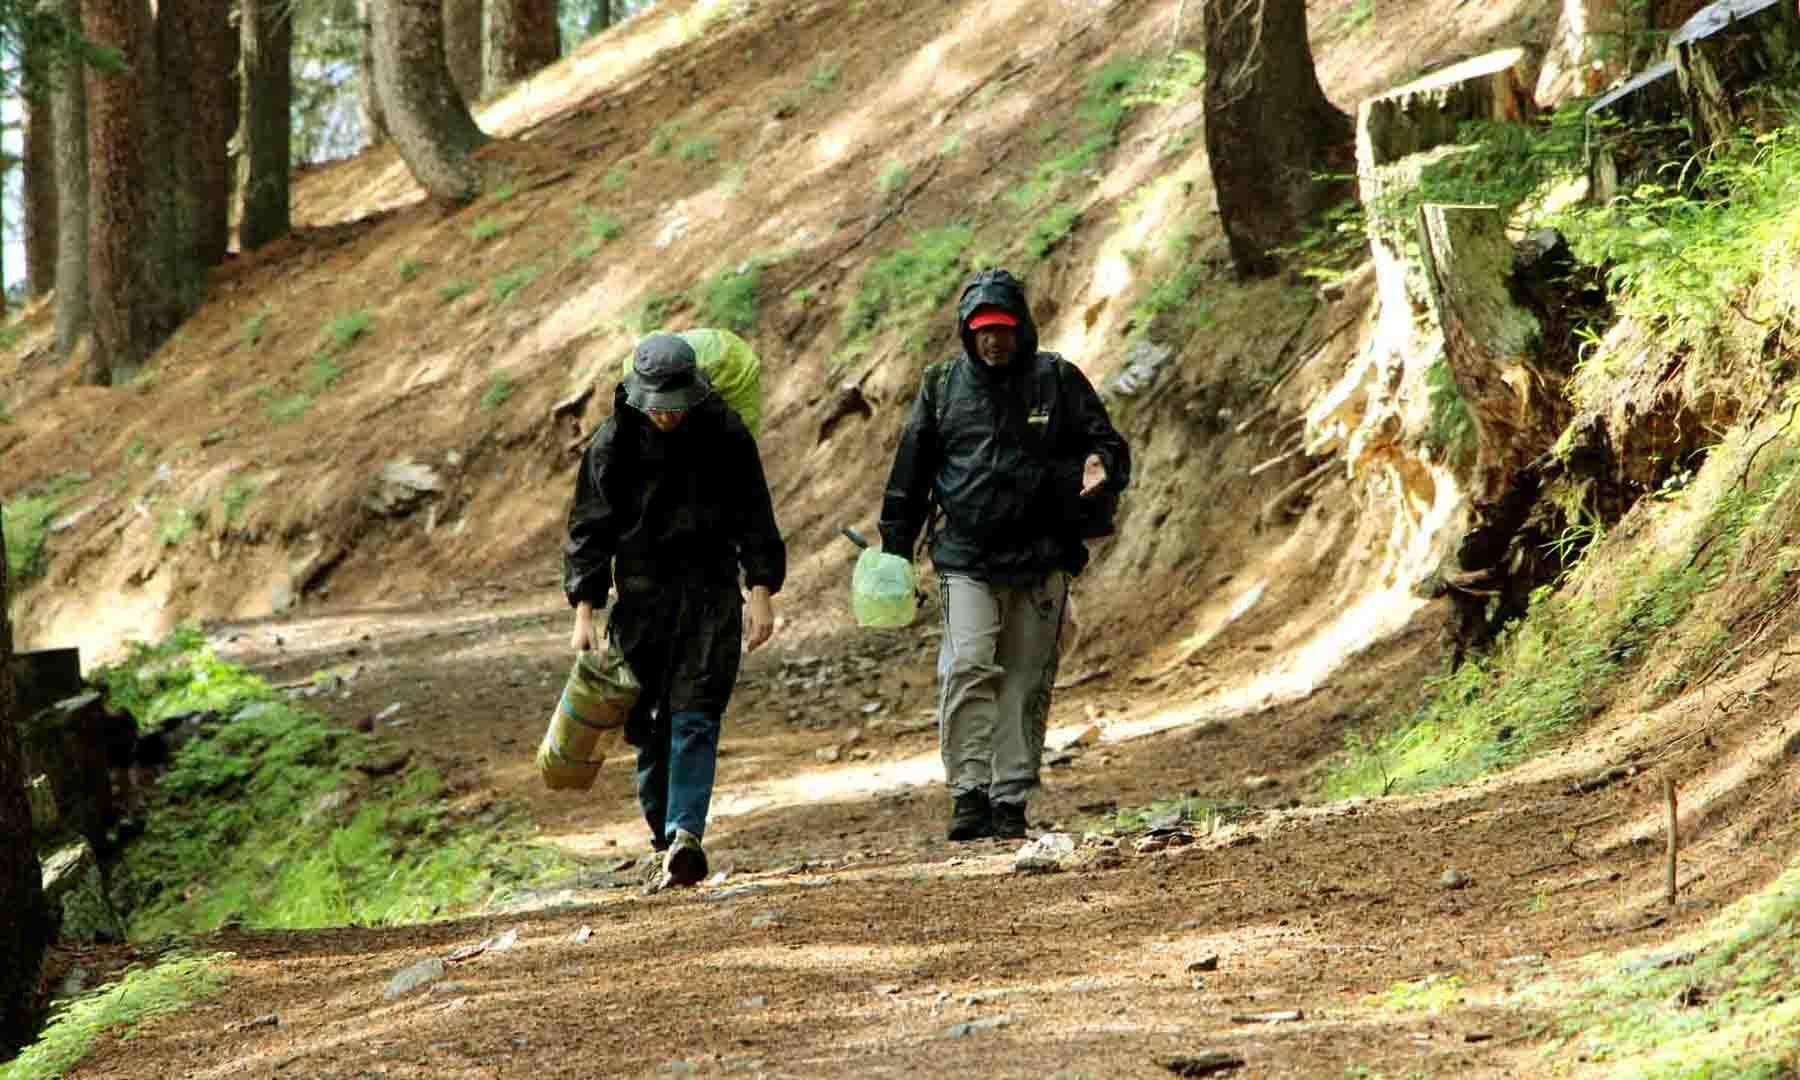 جانشئی بانڈہ کی طرف گھنے جنگل کے درمیان پیش قدمی جاری ہے